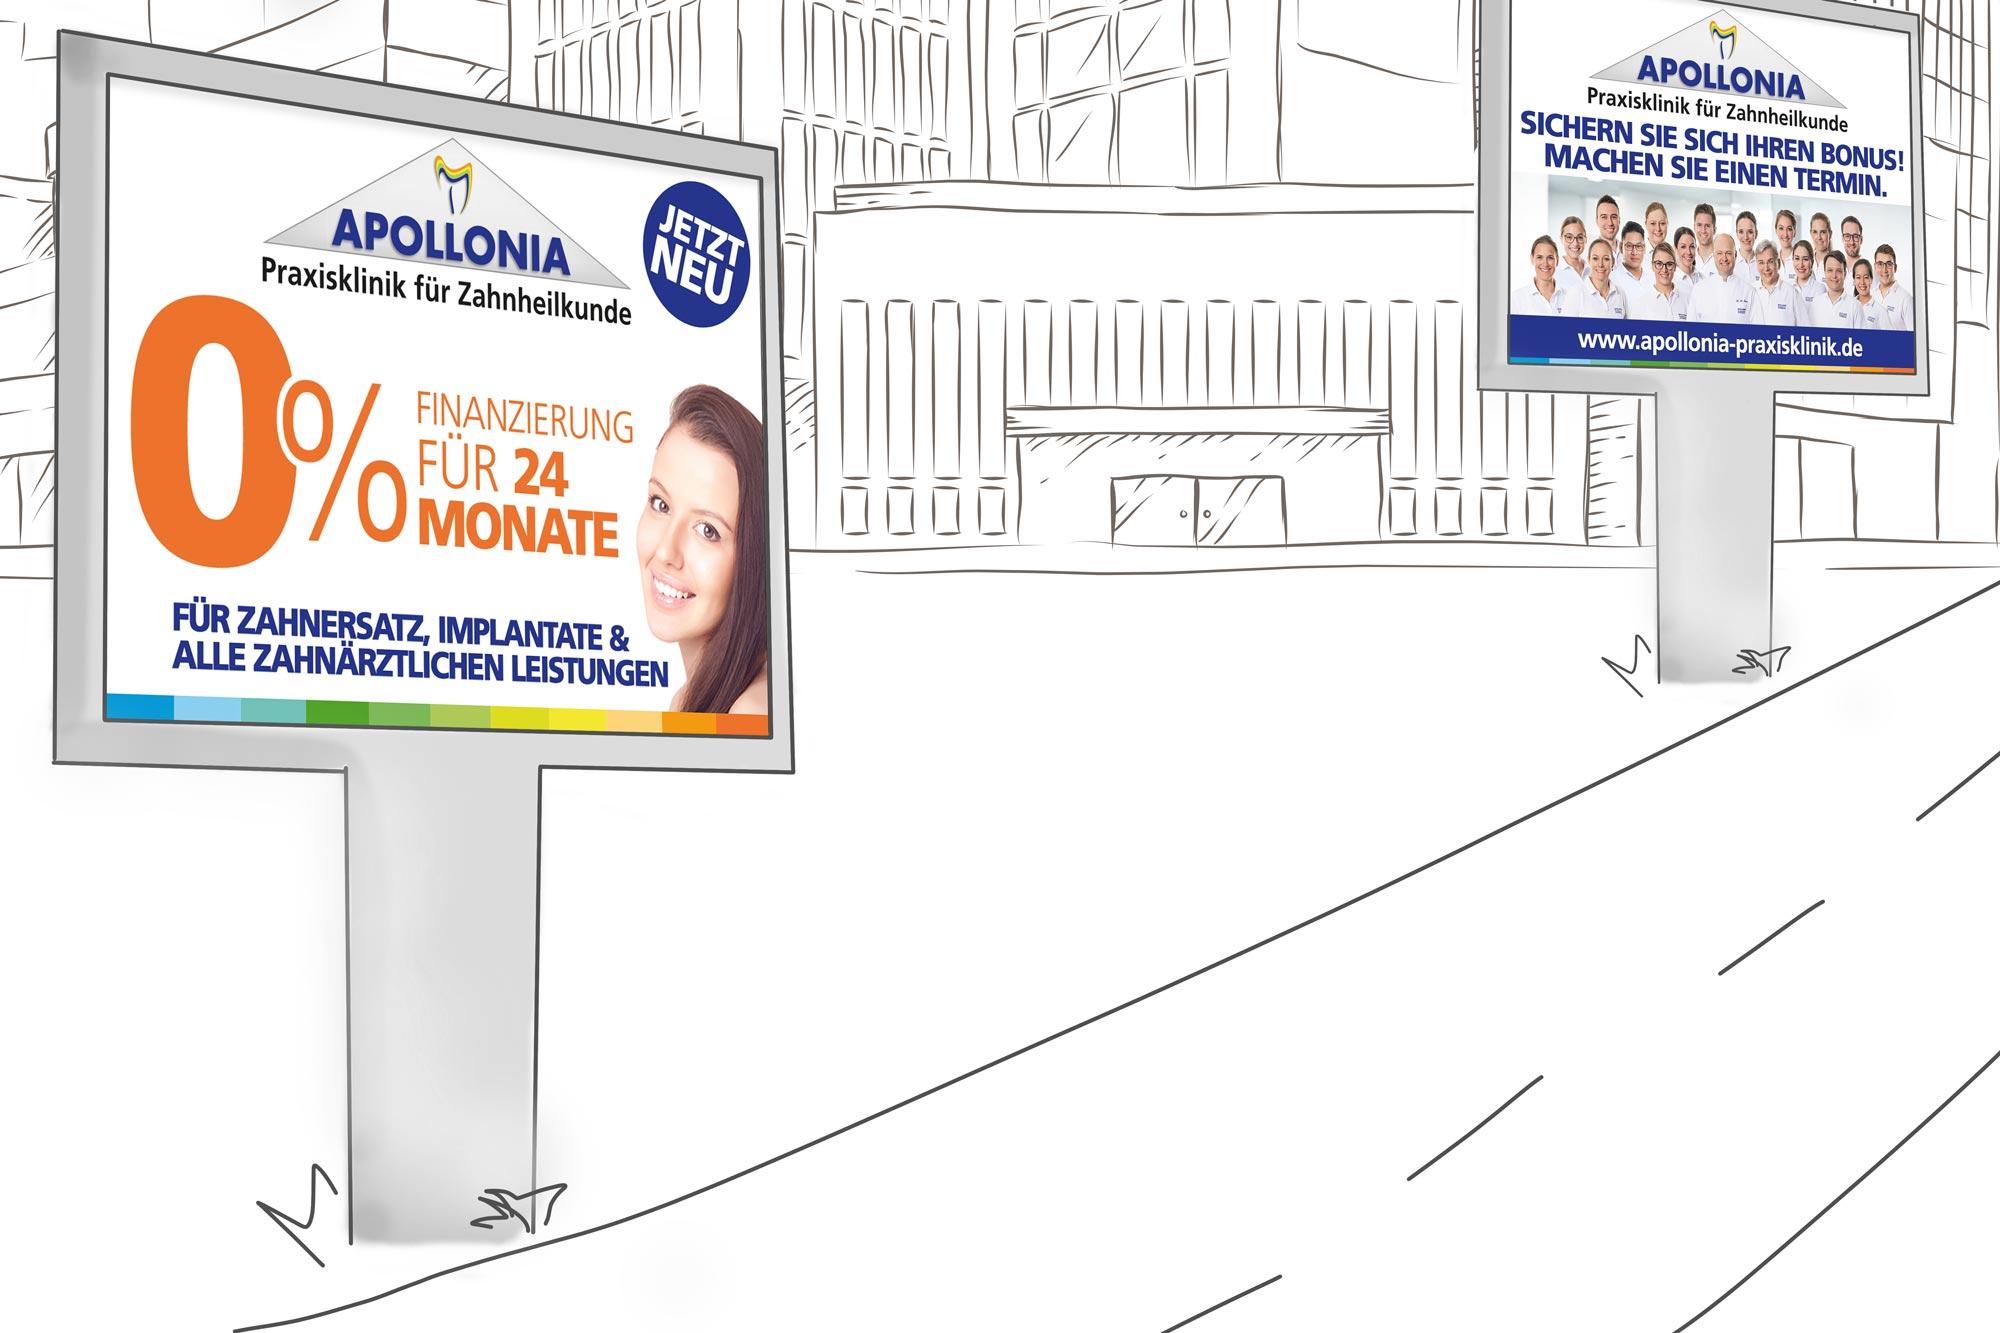 Weitere Printmedien für die Apollonia Praxisklinik made by Onelio